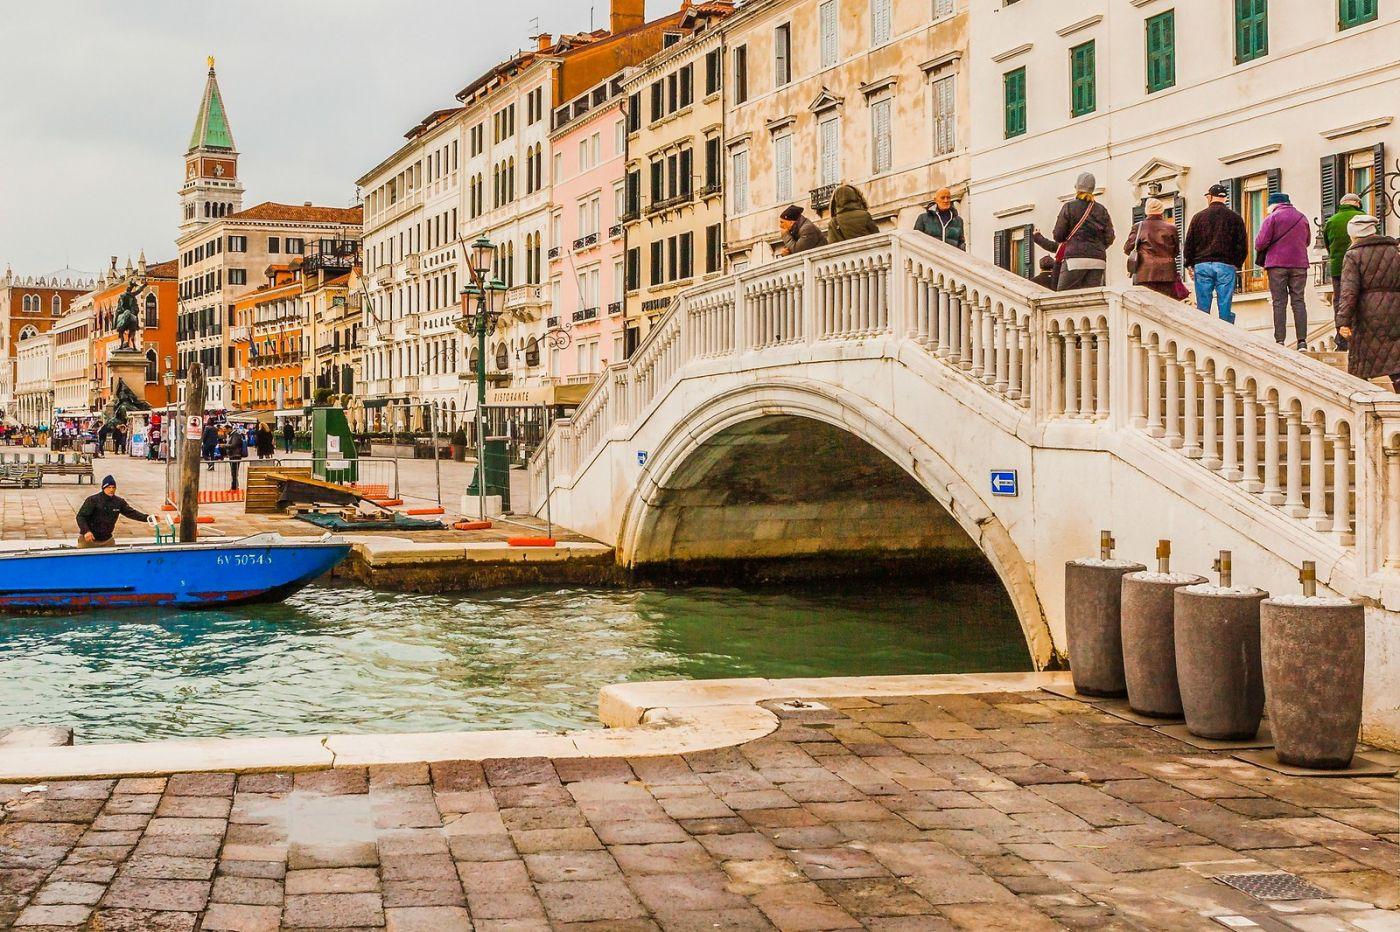 意大利威尼斯,桥的艺术_图1-5